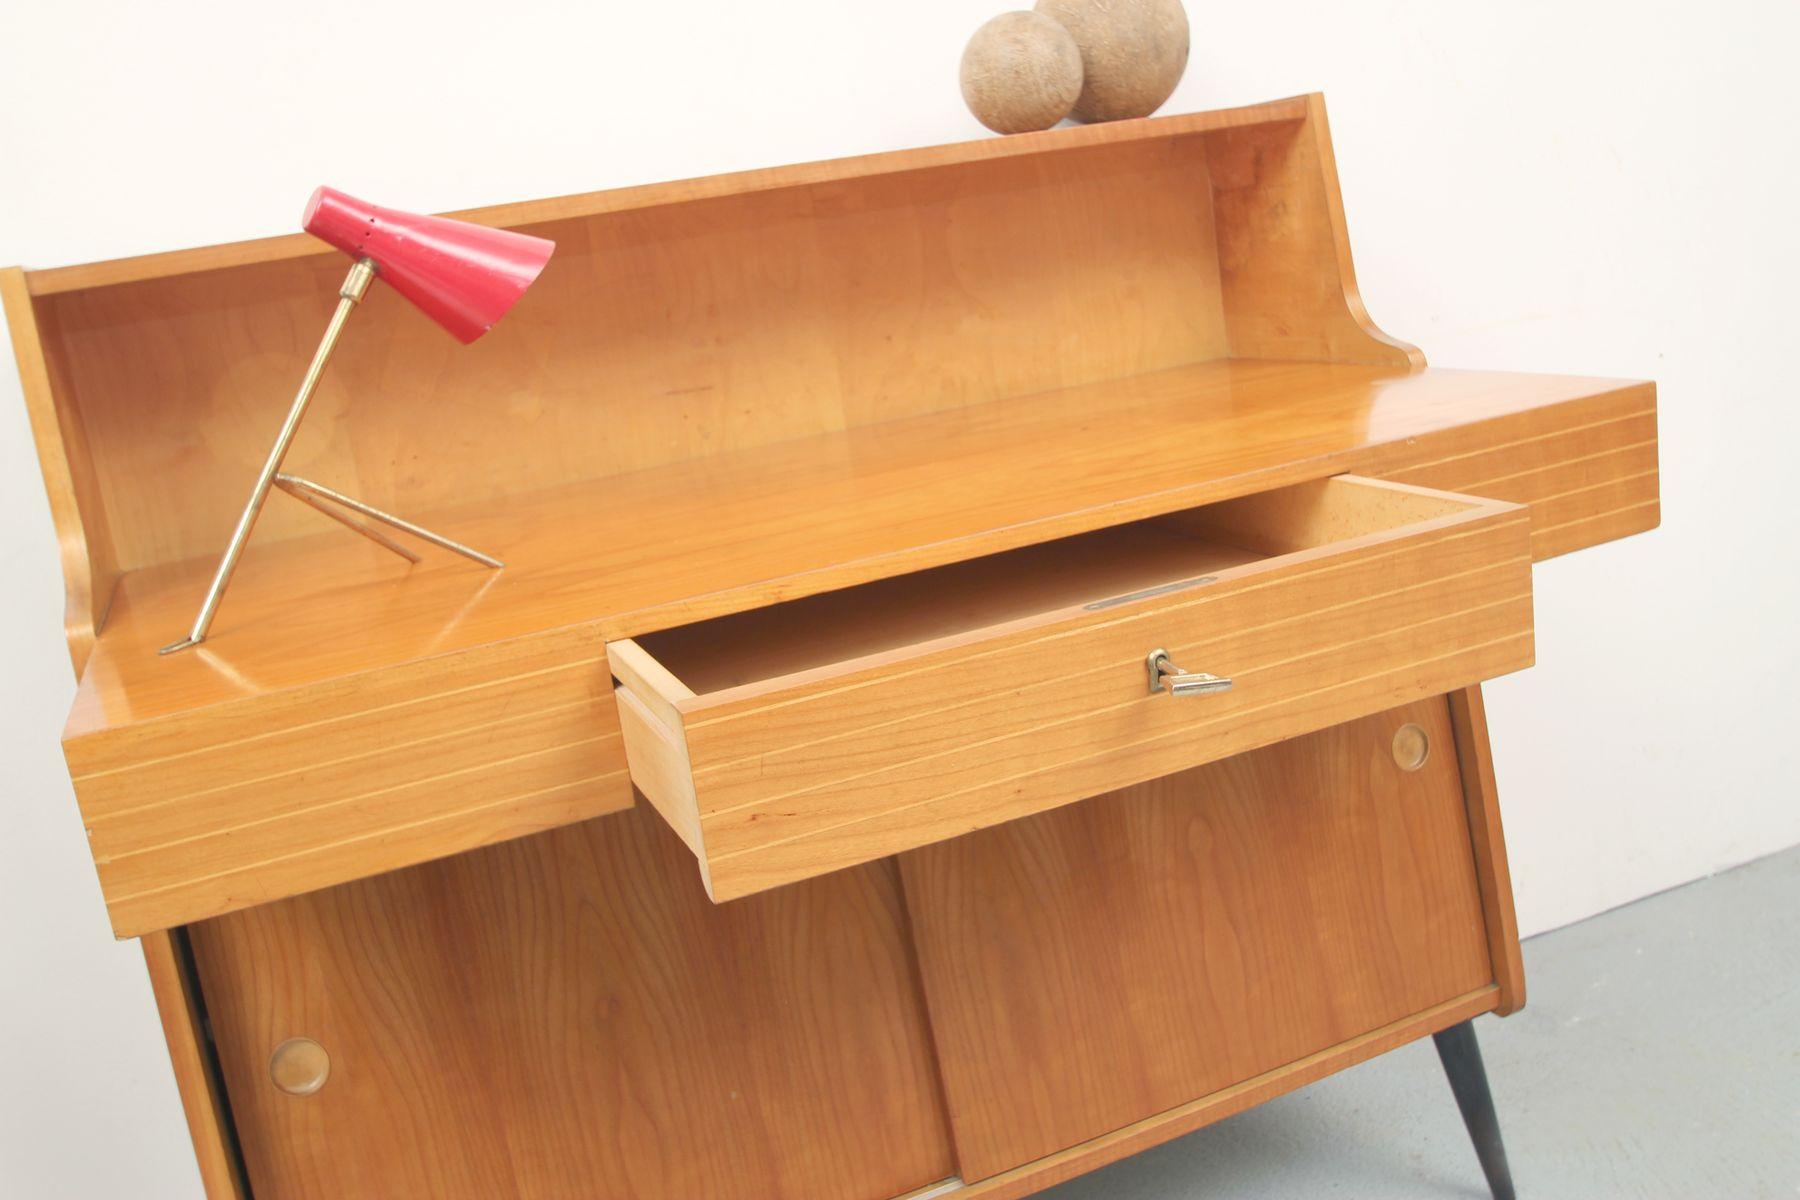 deutscher mid century kirschholz schreibtisch bei pamono kaufen. Black Bedroom Furniture Sets. Home Design Ideas